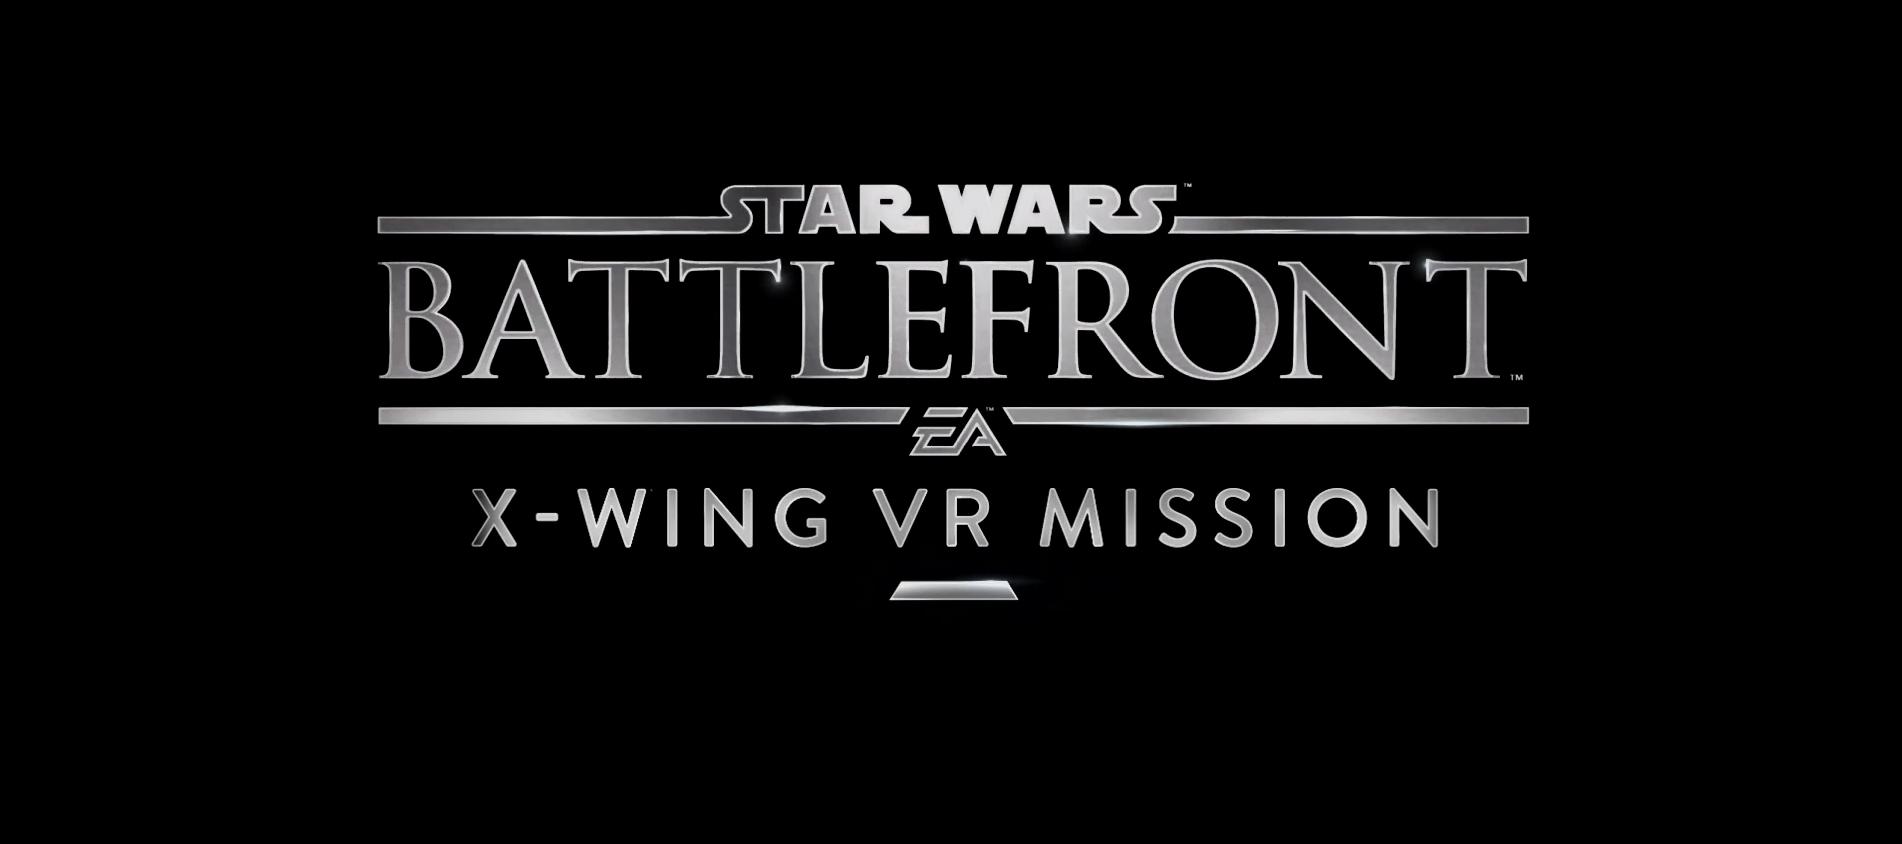 Sony publica un nuevo tráiler de Star Wars: Battlefront Rogue One – X-wing VR Mission